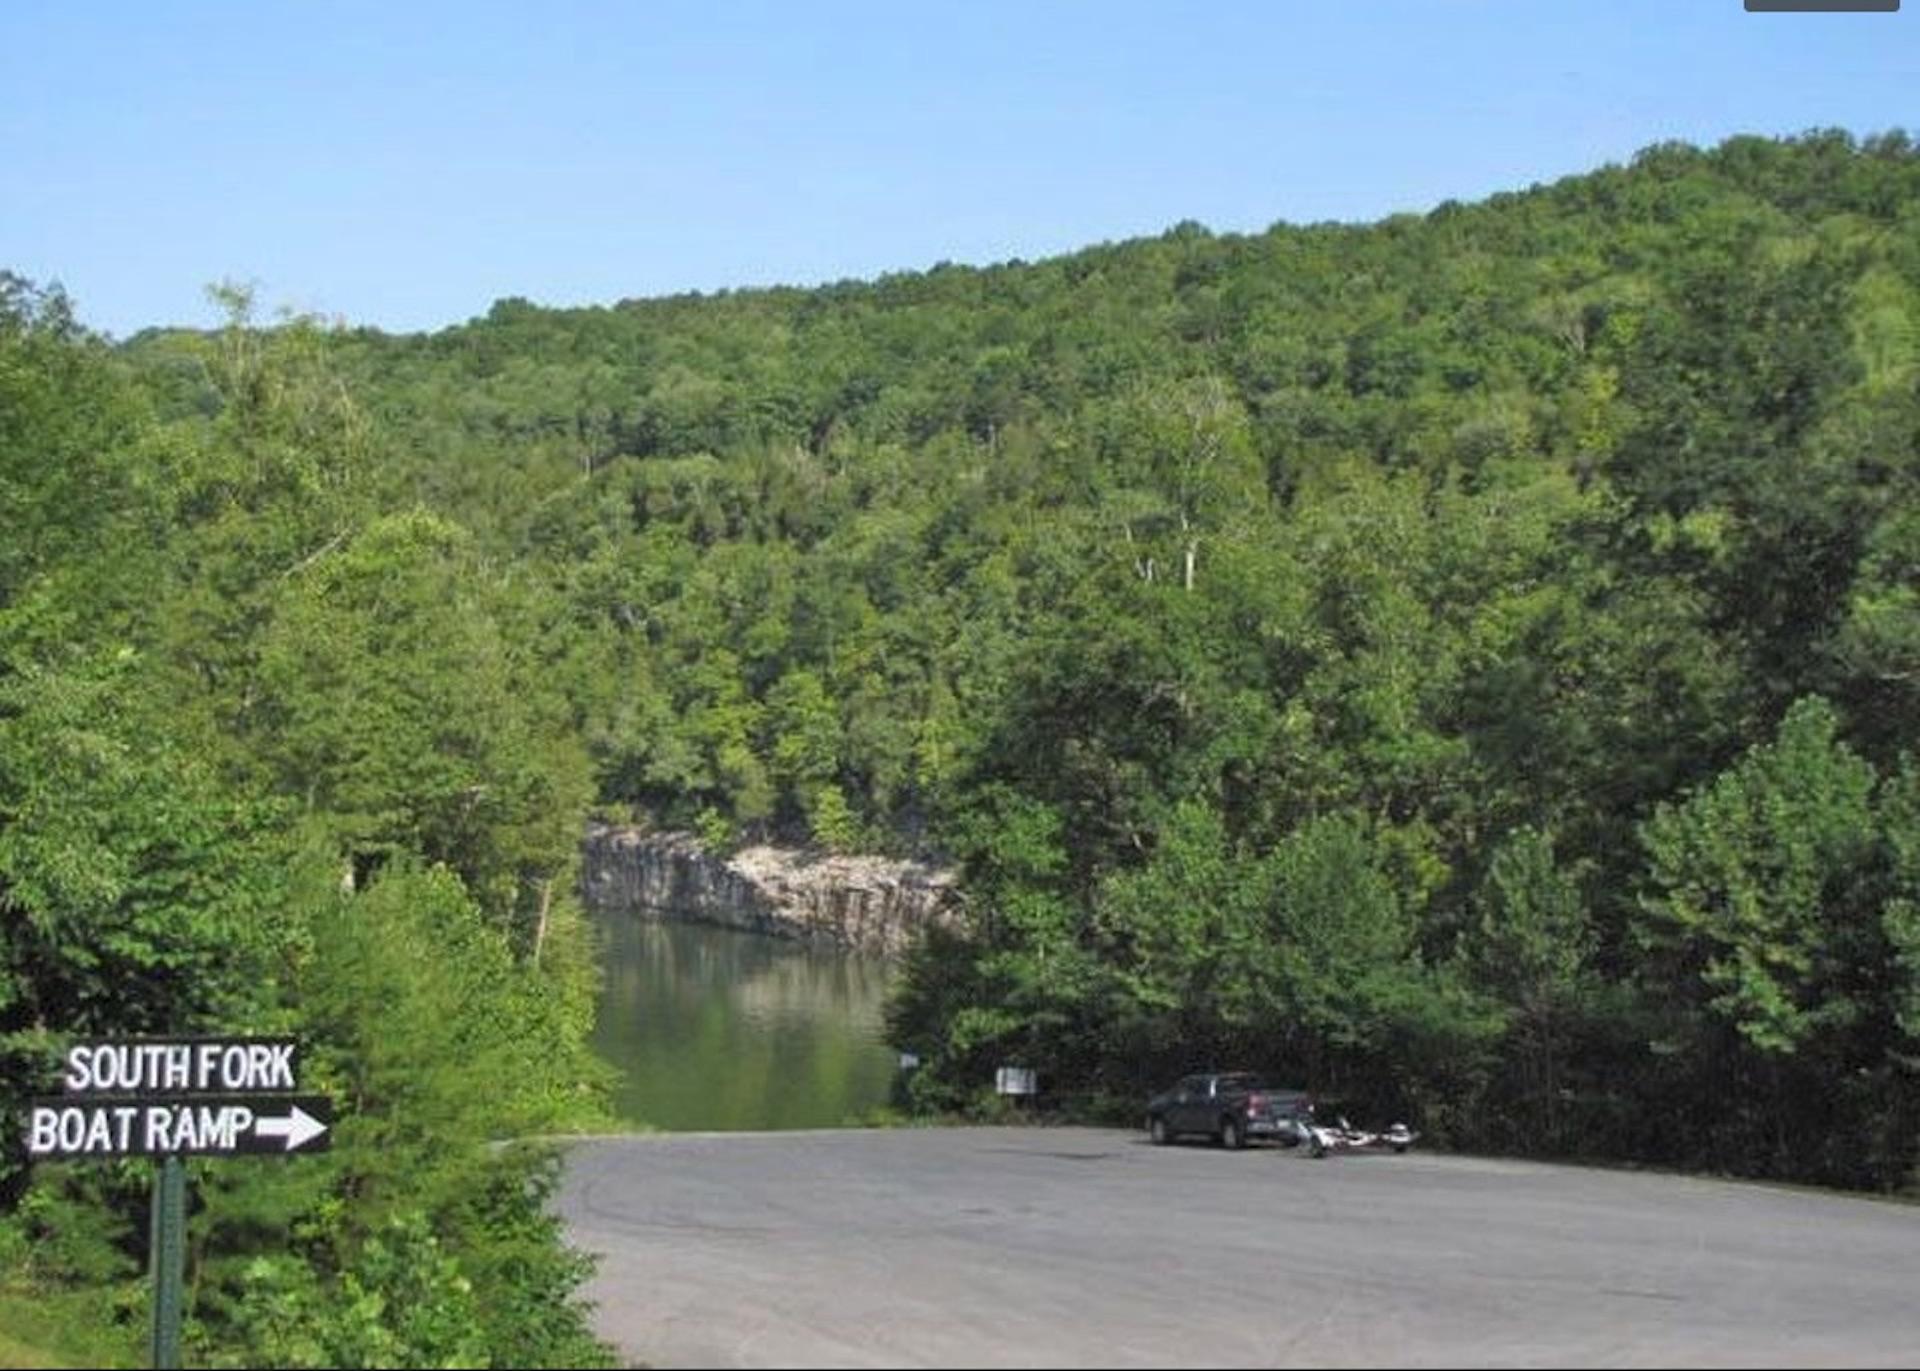 75 Boone Trail Boat Ramp.jpg